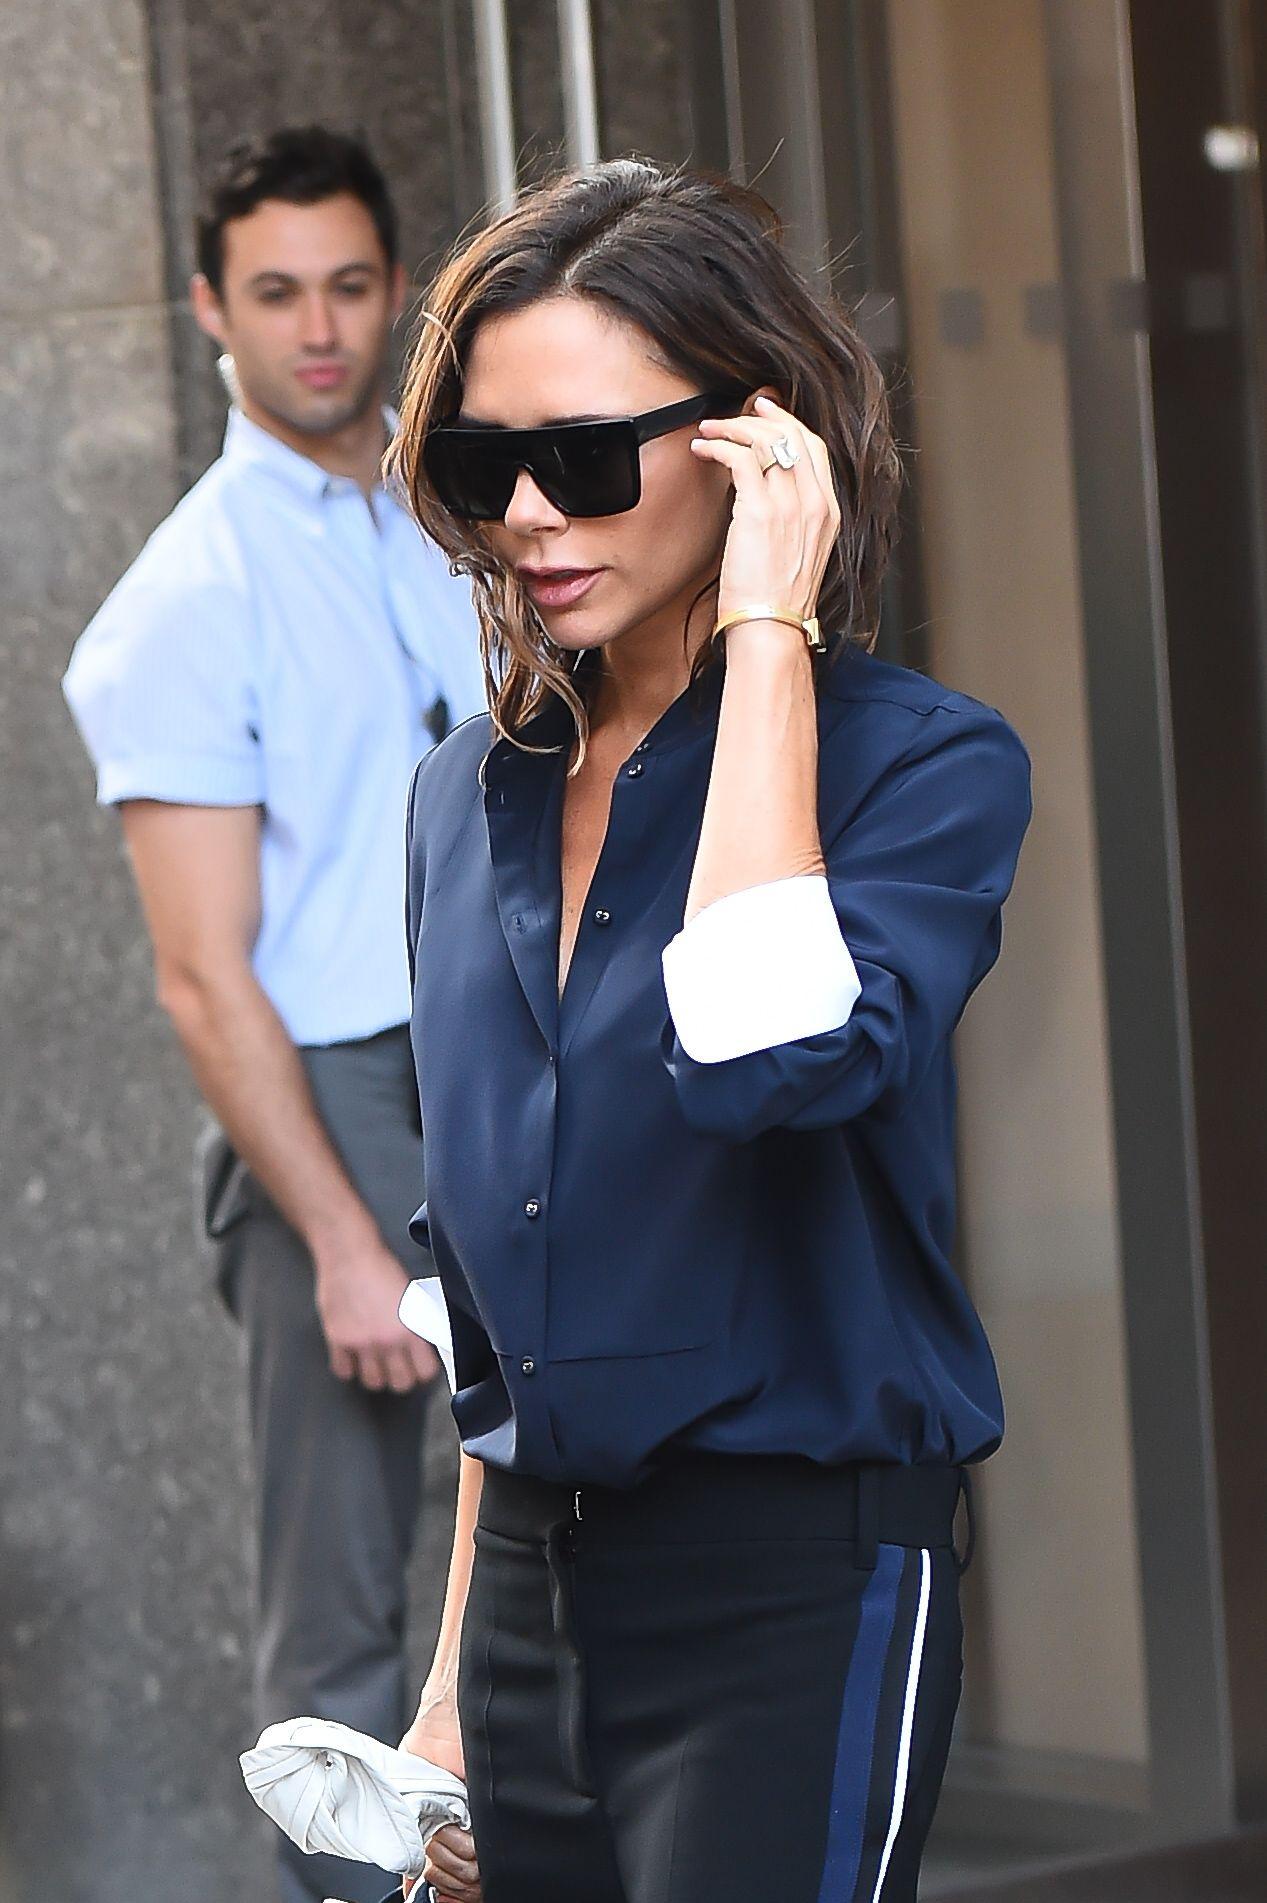 df6355ea7e2 https   www.elle.com uk fashion celebrity-style articles a6977 julia-r-r ...